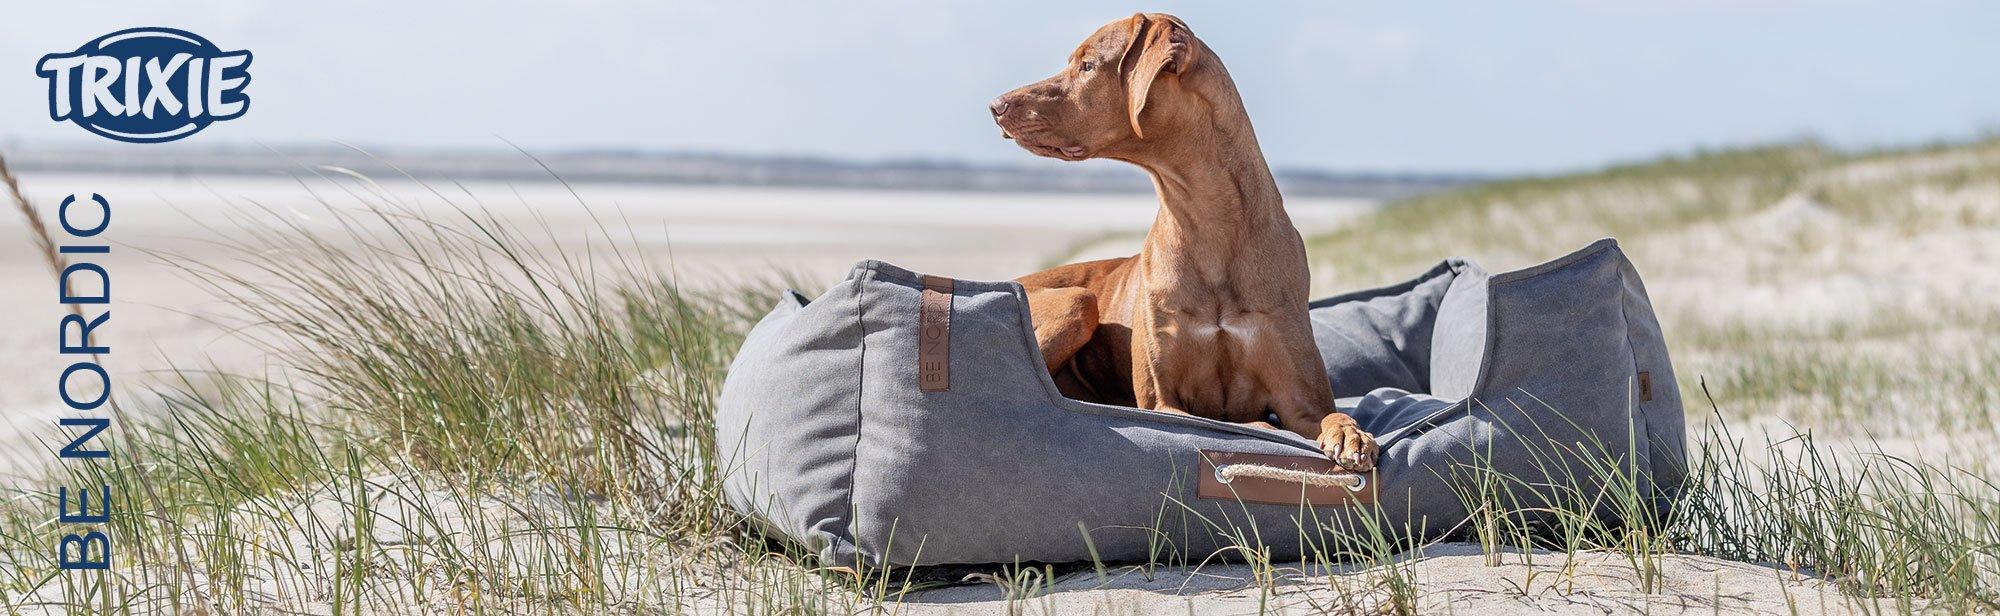 TRIXIE BE NORDIC - Hundezubehör Serie mit maritimen Flair!, Bild 1